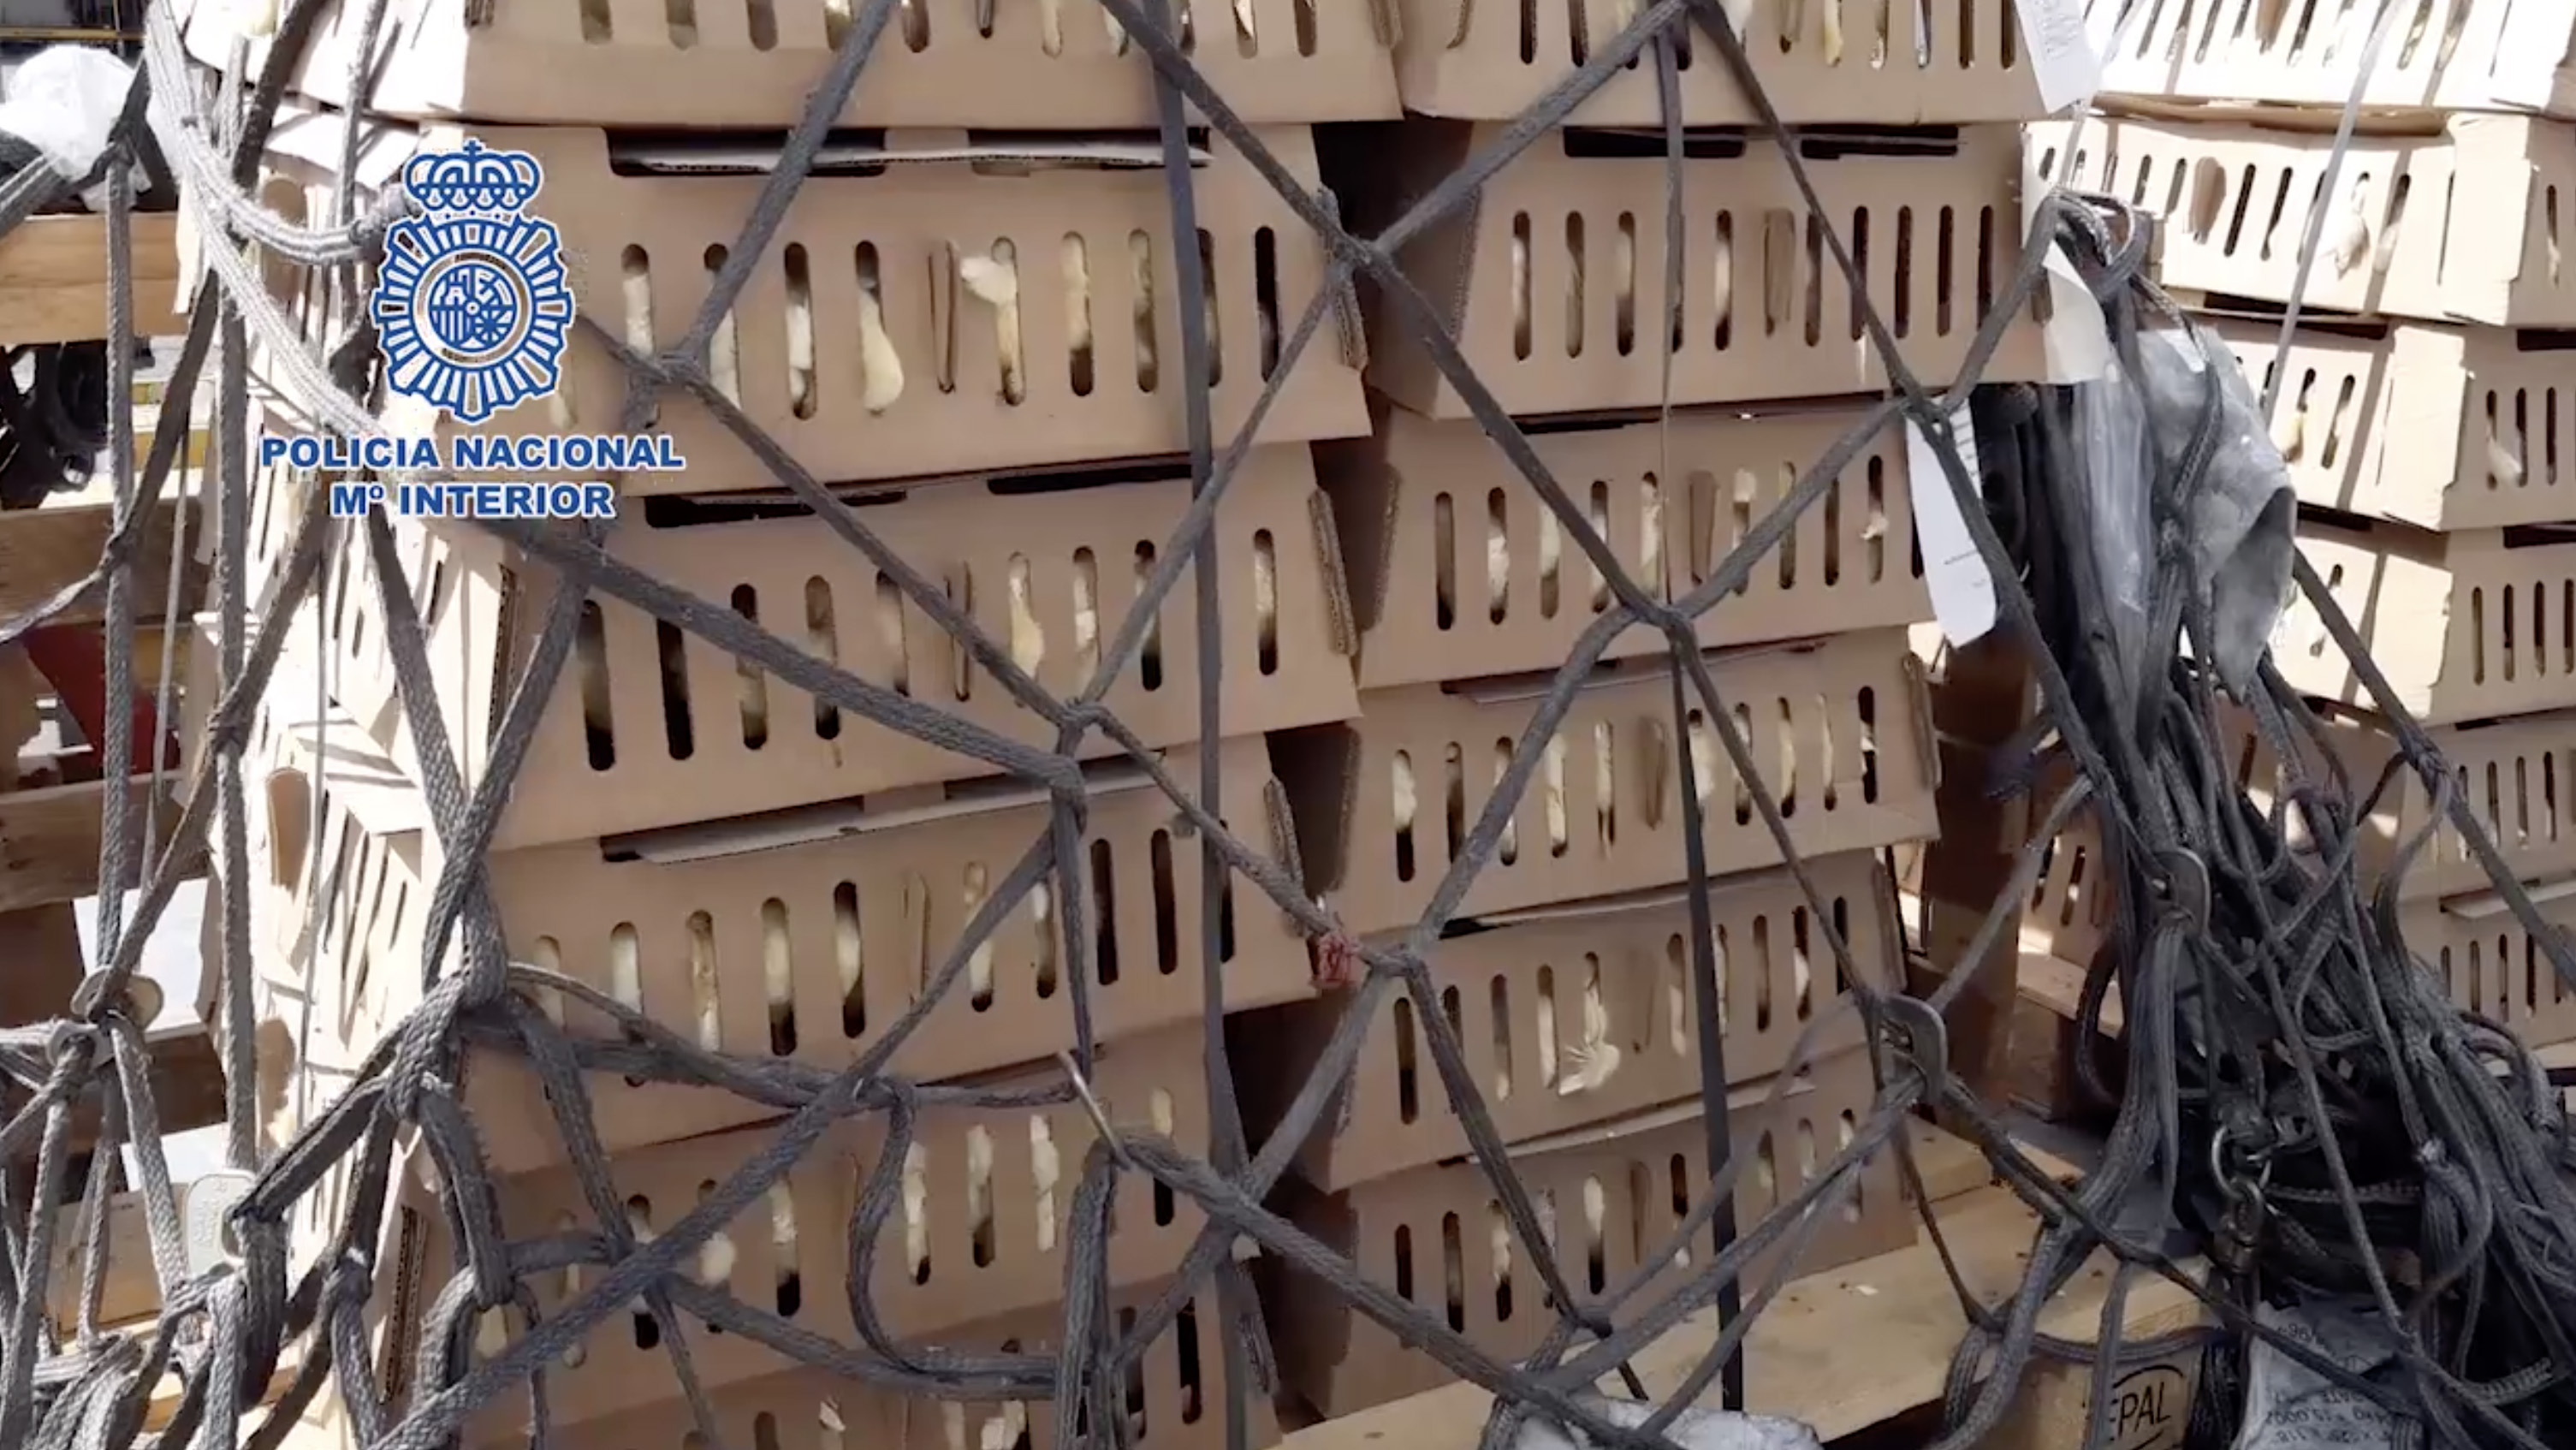 Caixas com pintinhos encontradas em aeroporto de Madri